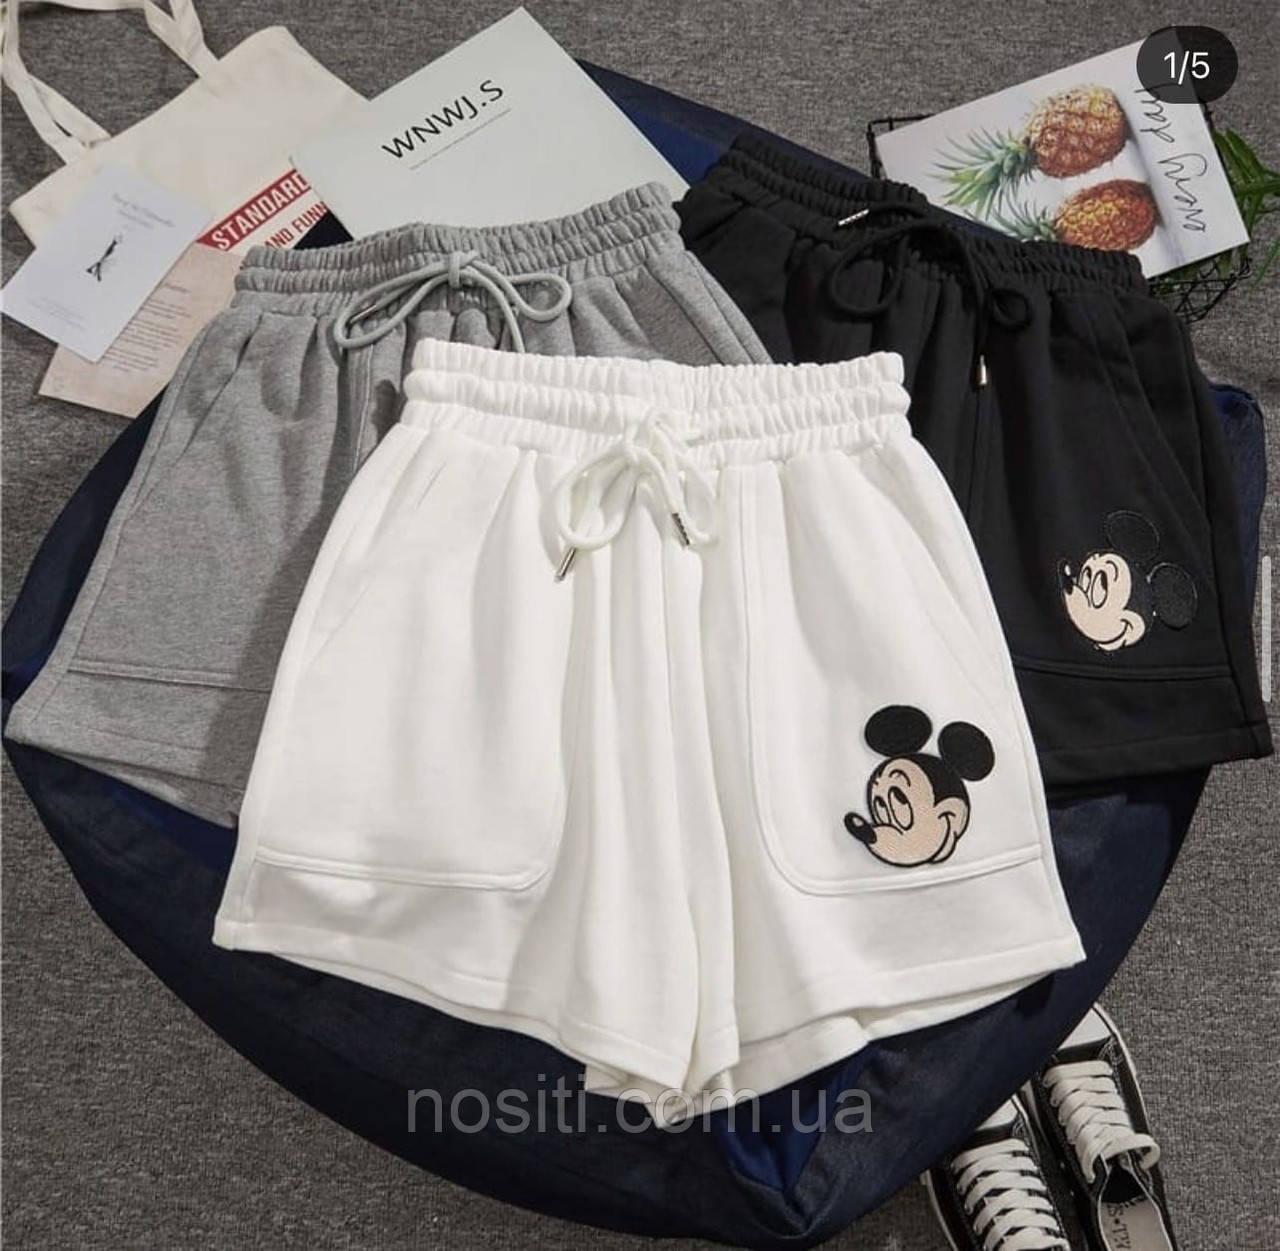 Шорты с принтом Микки Мауса с карманами свободные